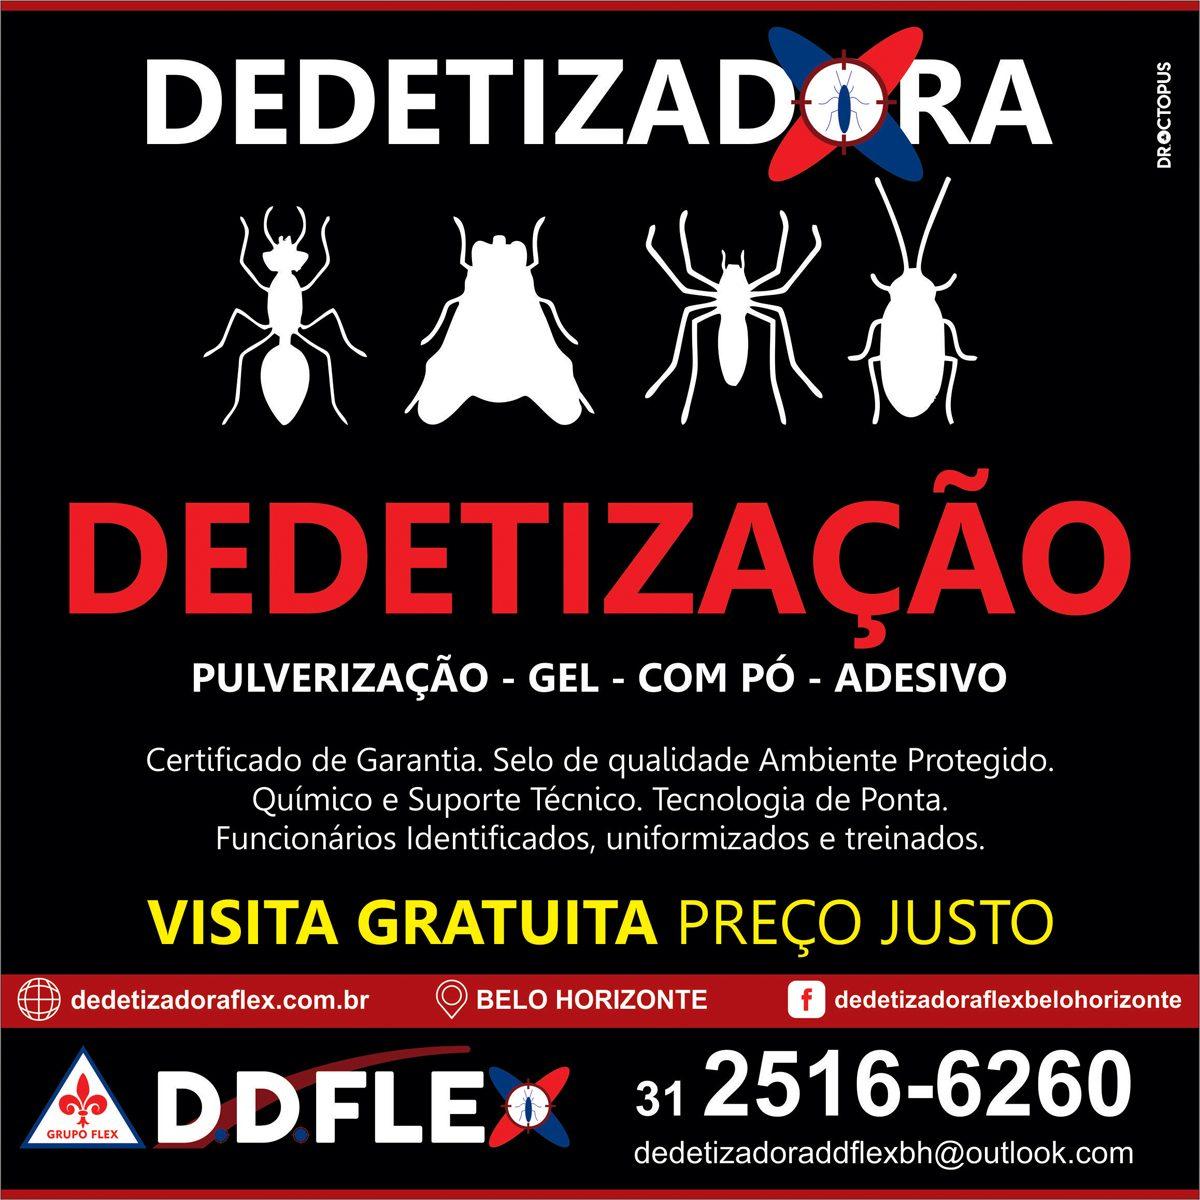 ddflex-BH